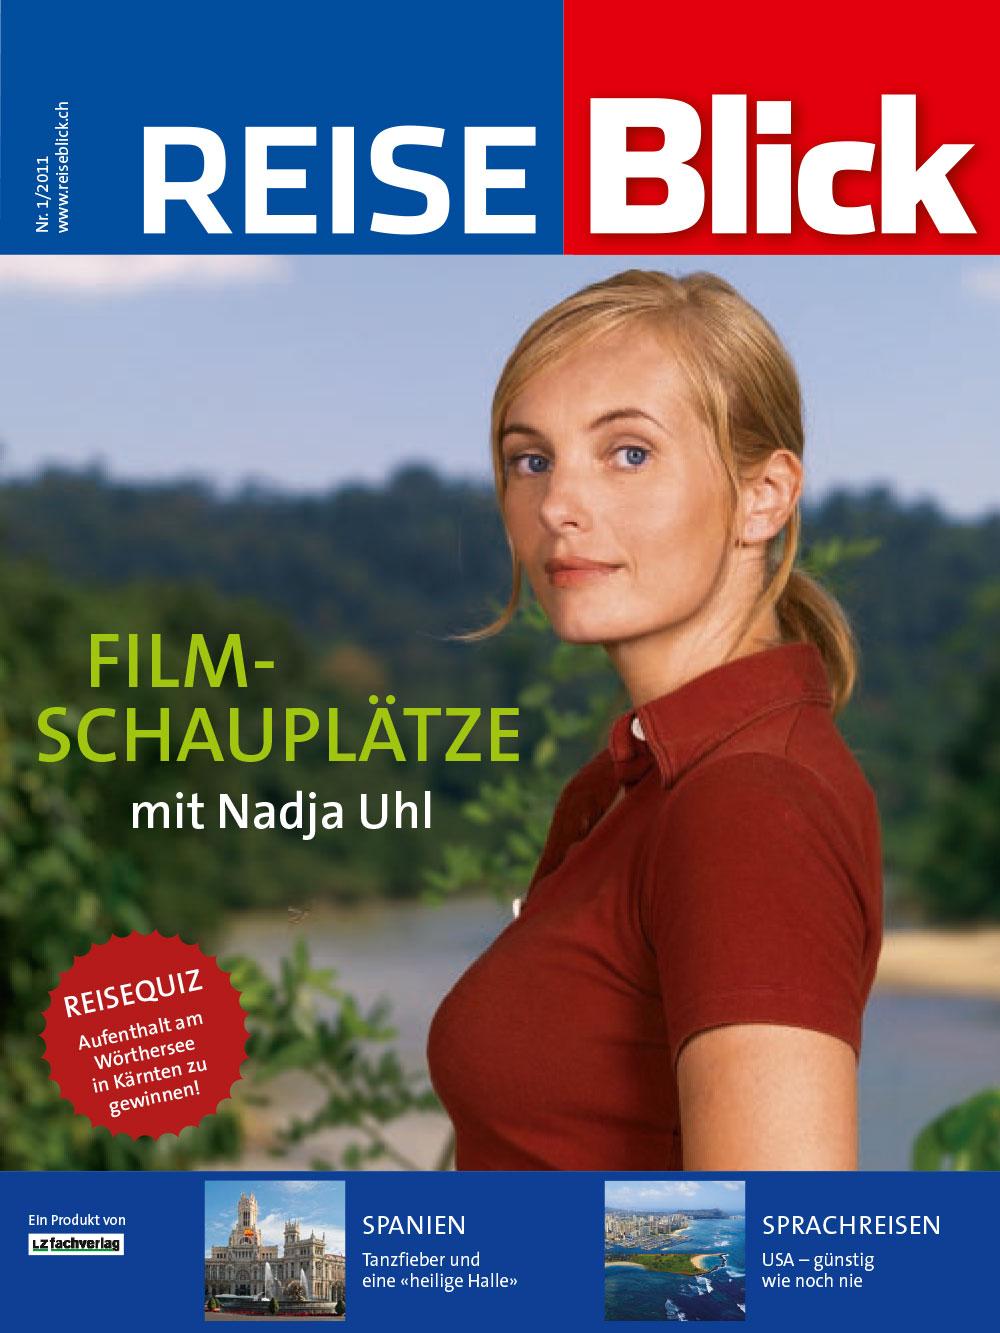 Reiseblick4